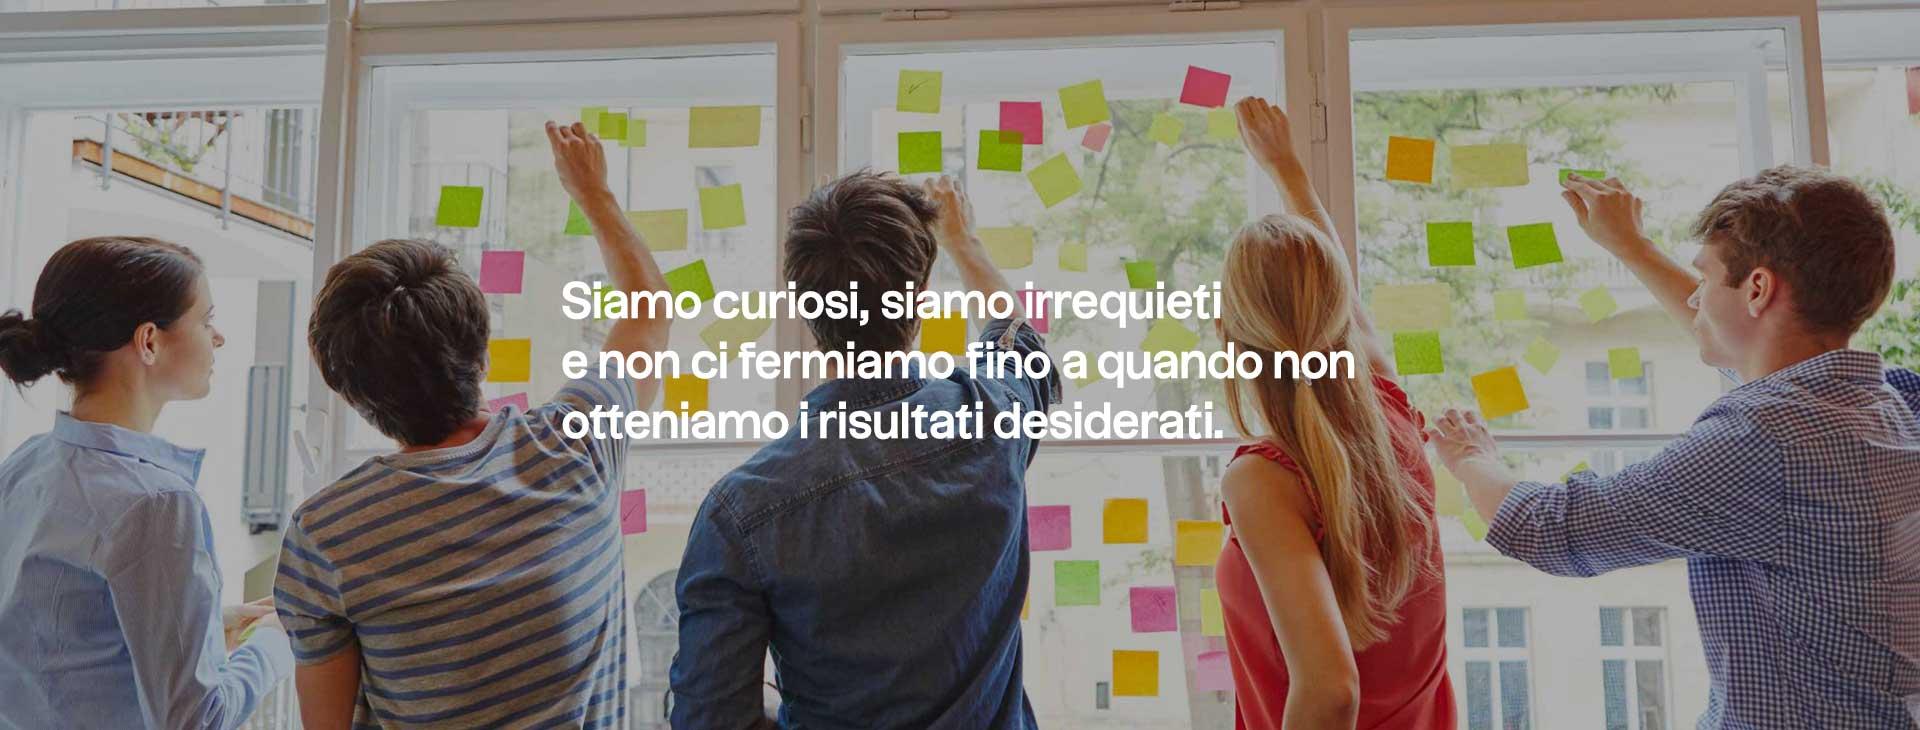 manifesto-6